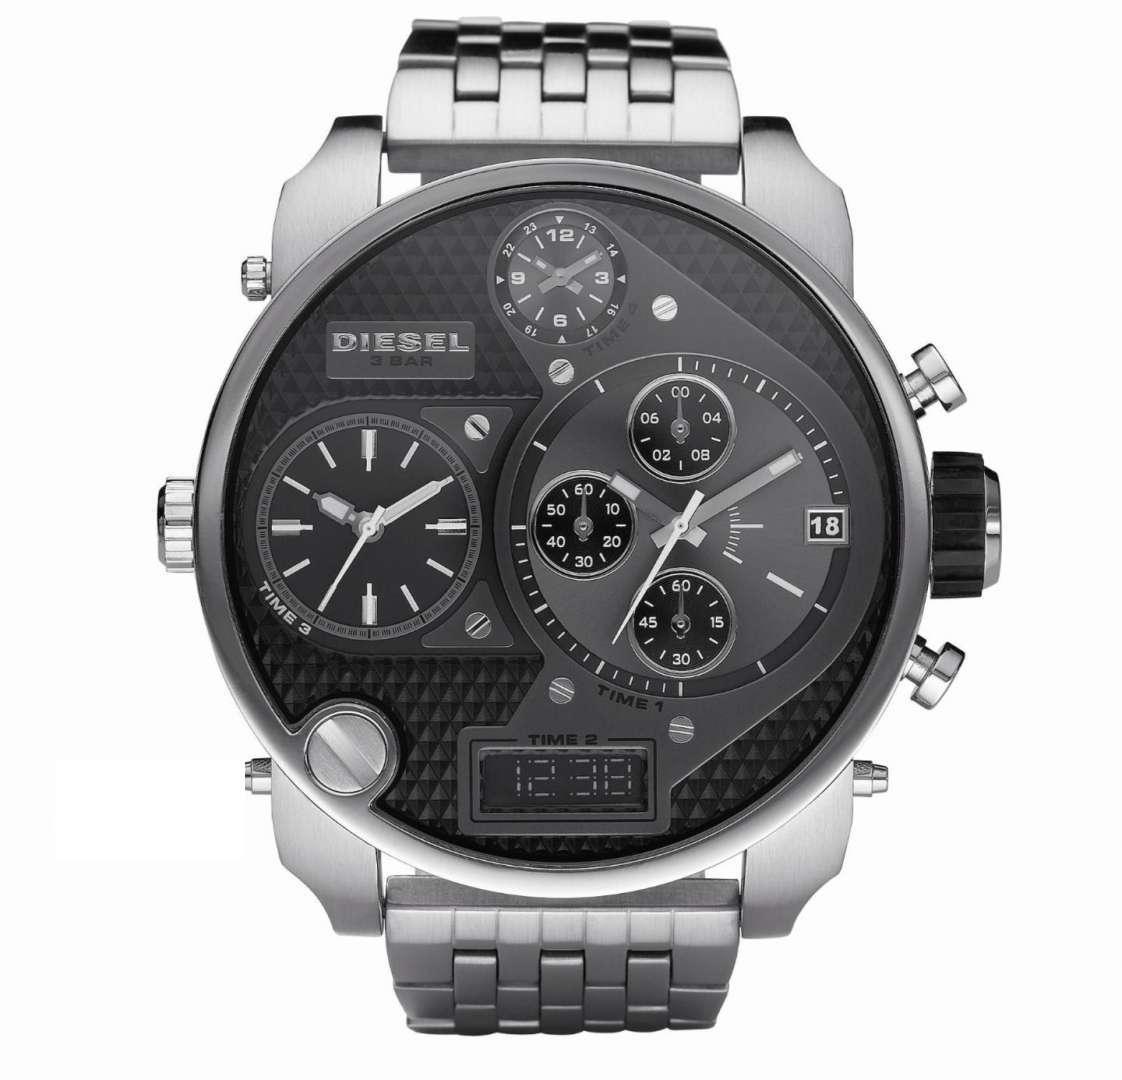 שעון יד אנלוגי דיזל דגם: diesel dz7221